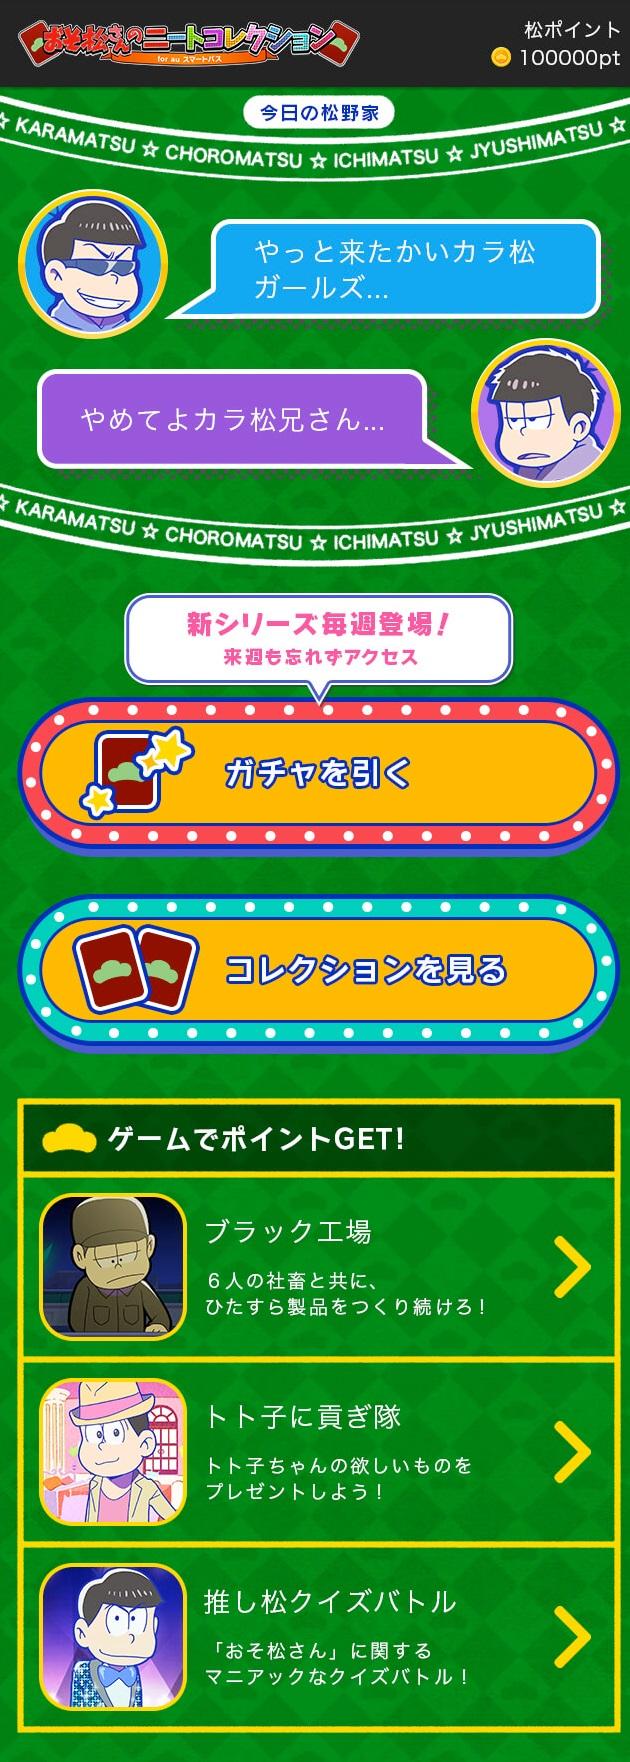 『おそ松さんのニートコレクション for auスマートパス』